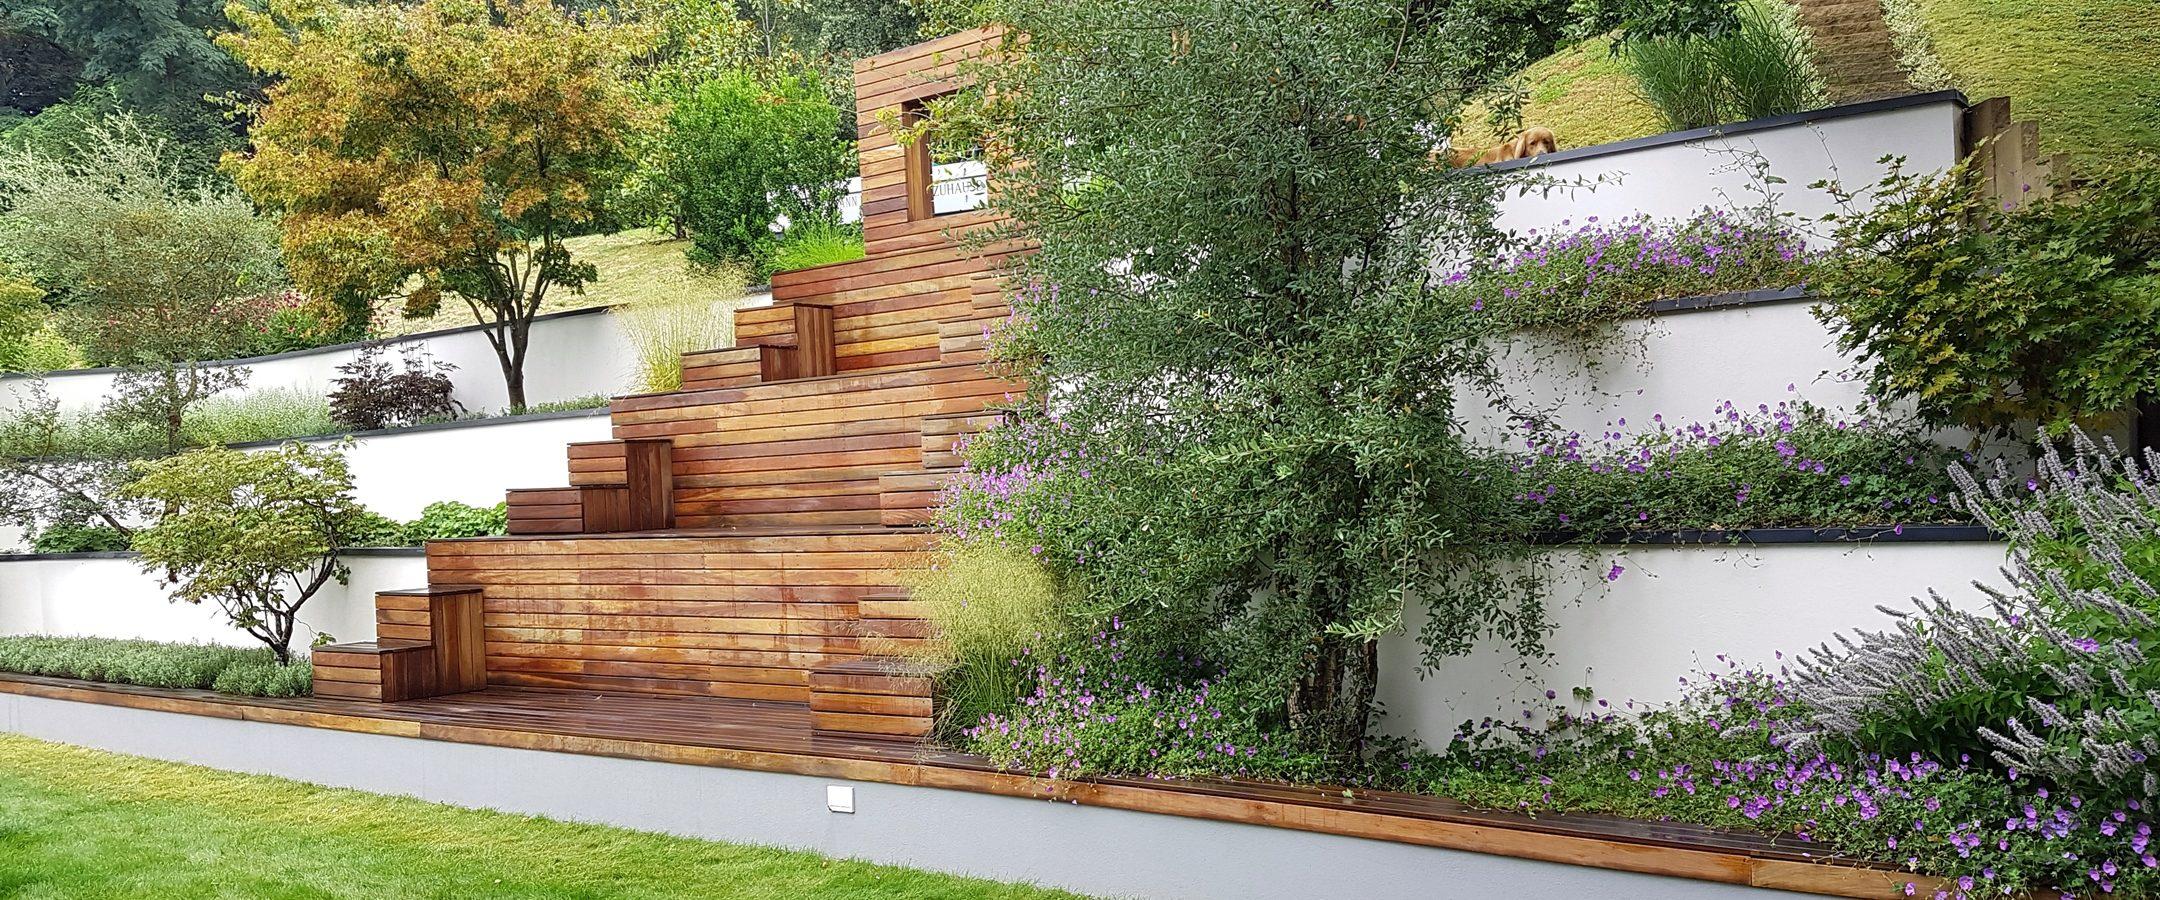 Stufenanlage aus Hartholz